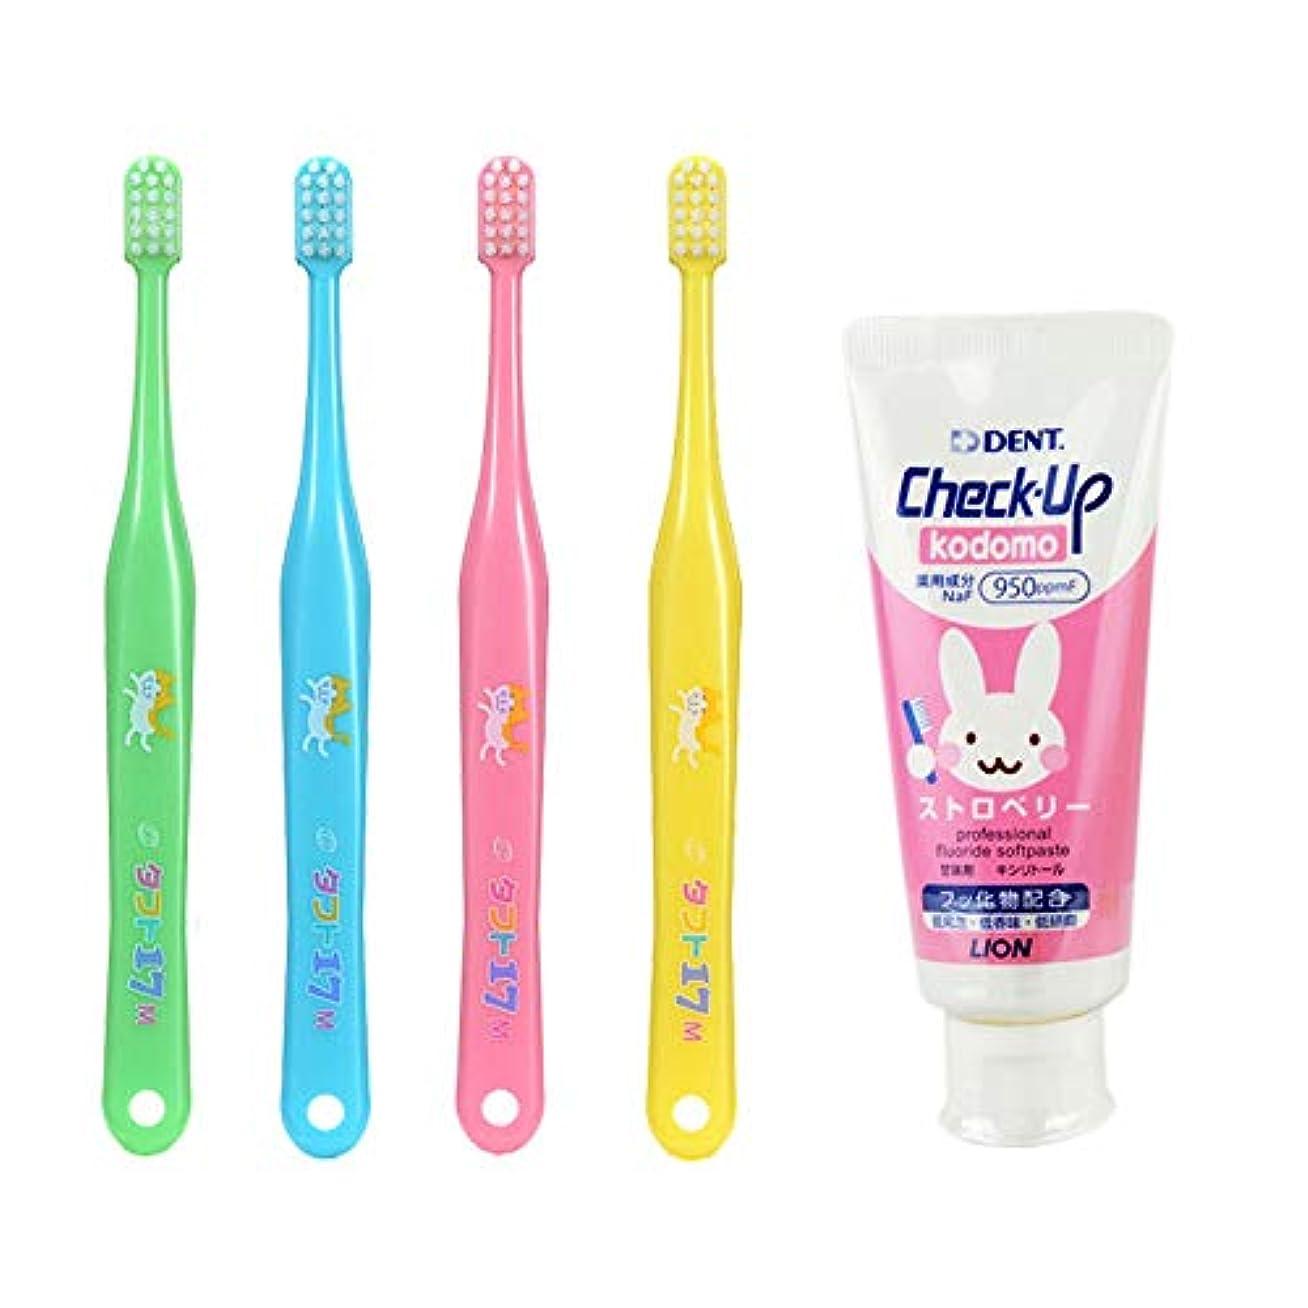 ピービッシュアルカトラズ島セイはさておきタフト17 M(ふつう) 子ども 歯ブラシ 10本 + チェックアップ コドモ 60g (ストロベリー) 歯磨き粉 歯科専売品